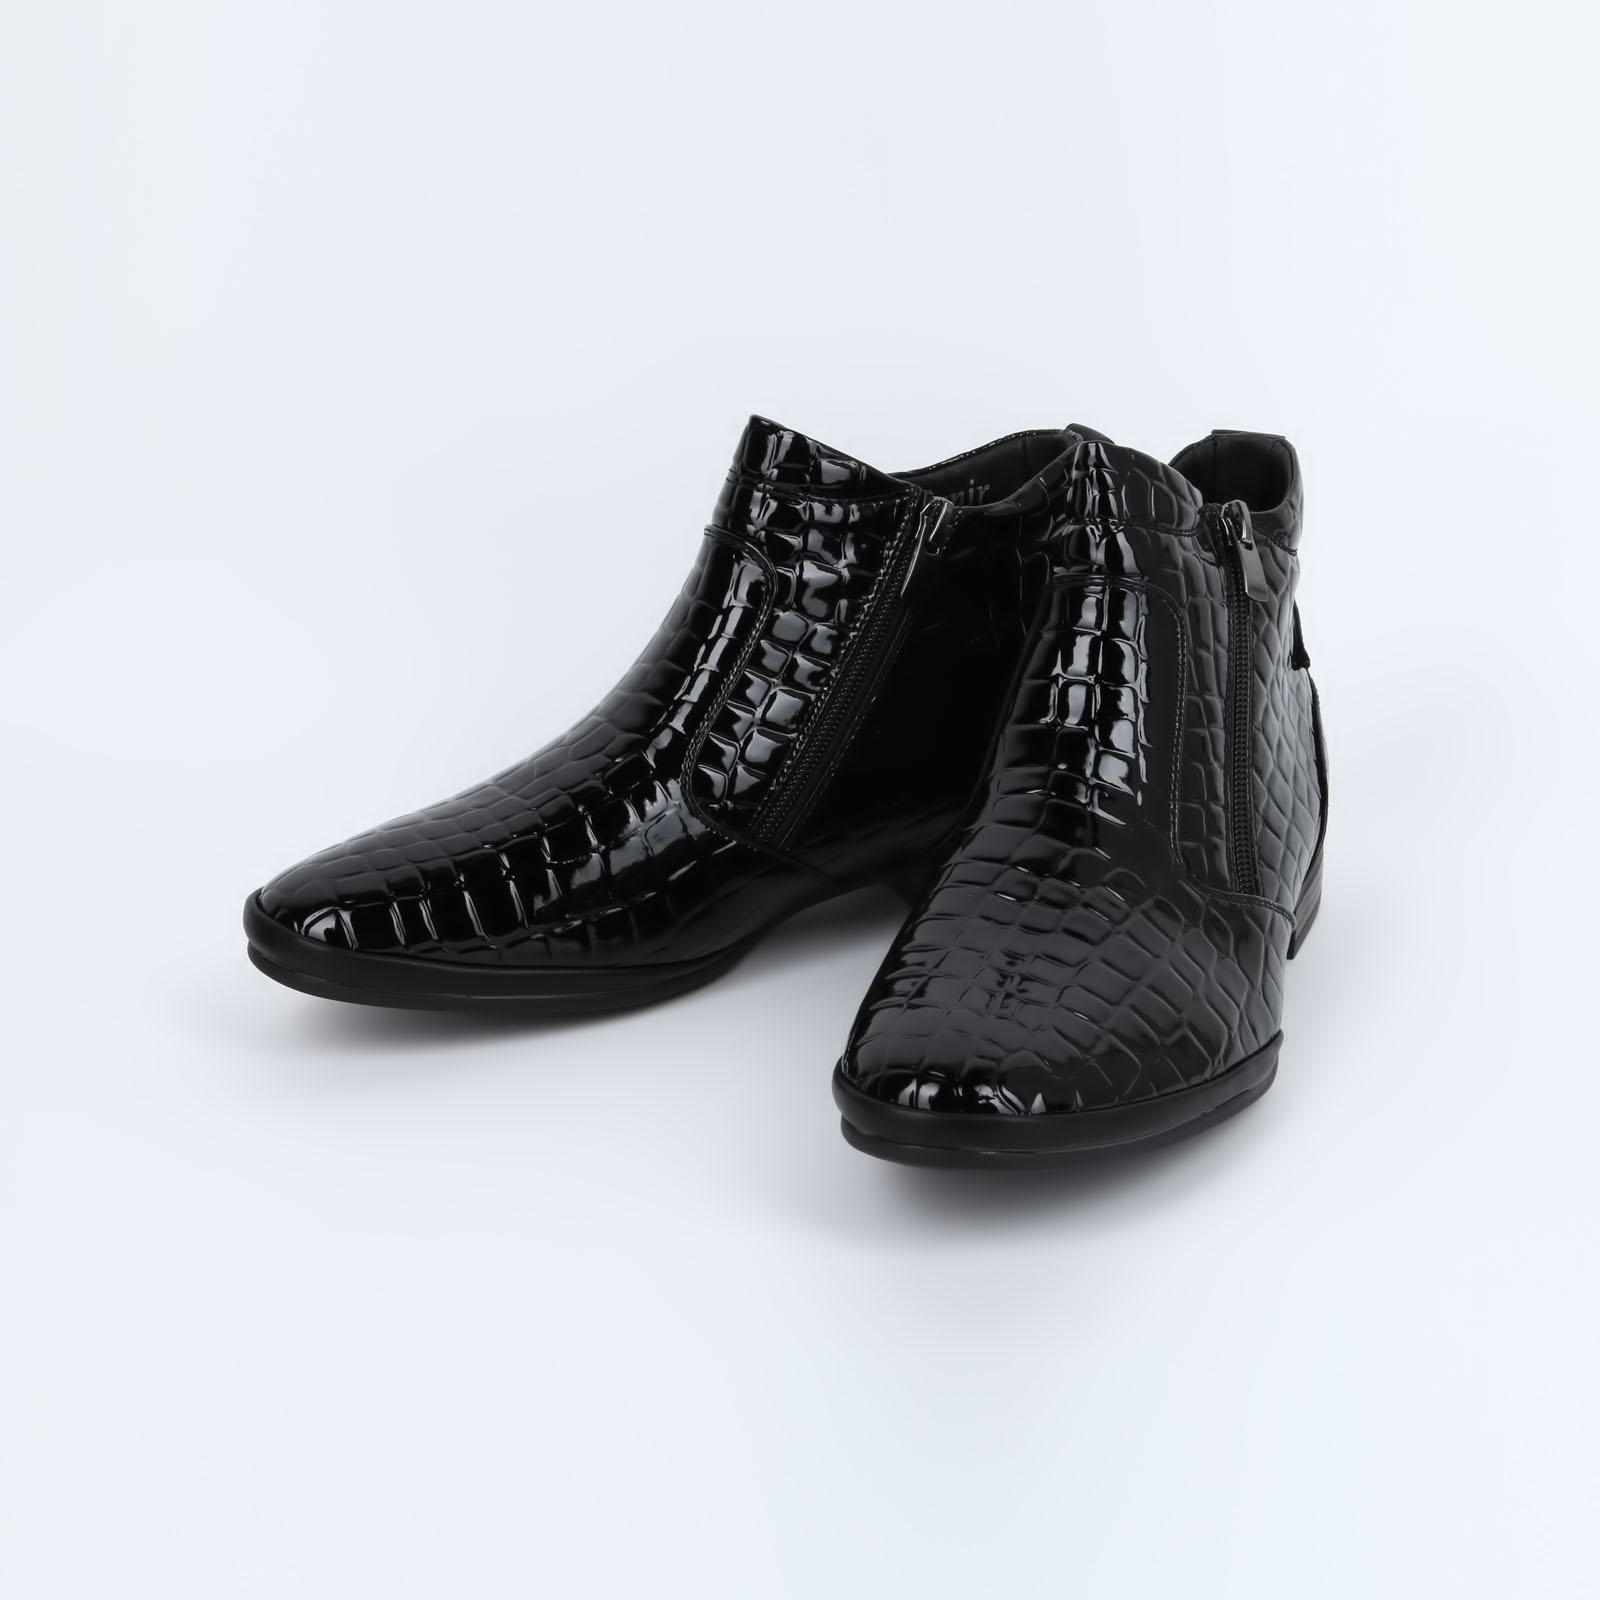 Ботинки под рептилию с заостренным мысом